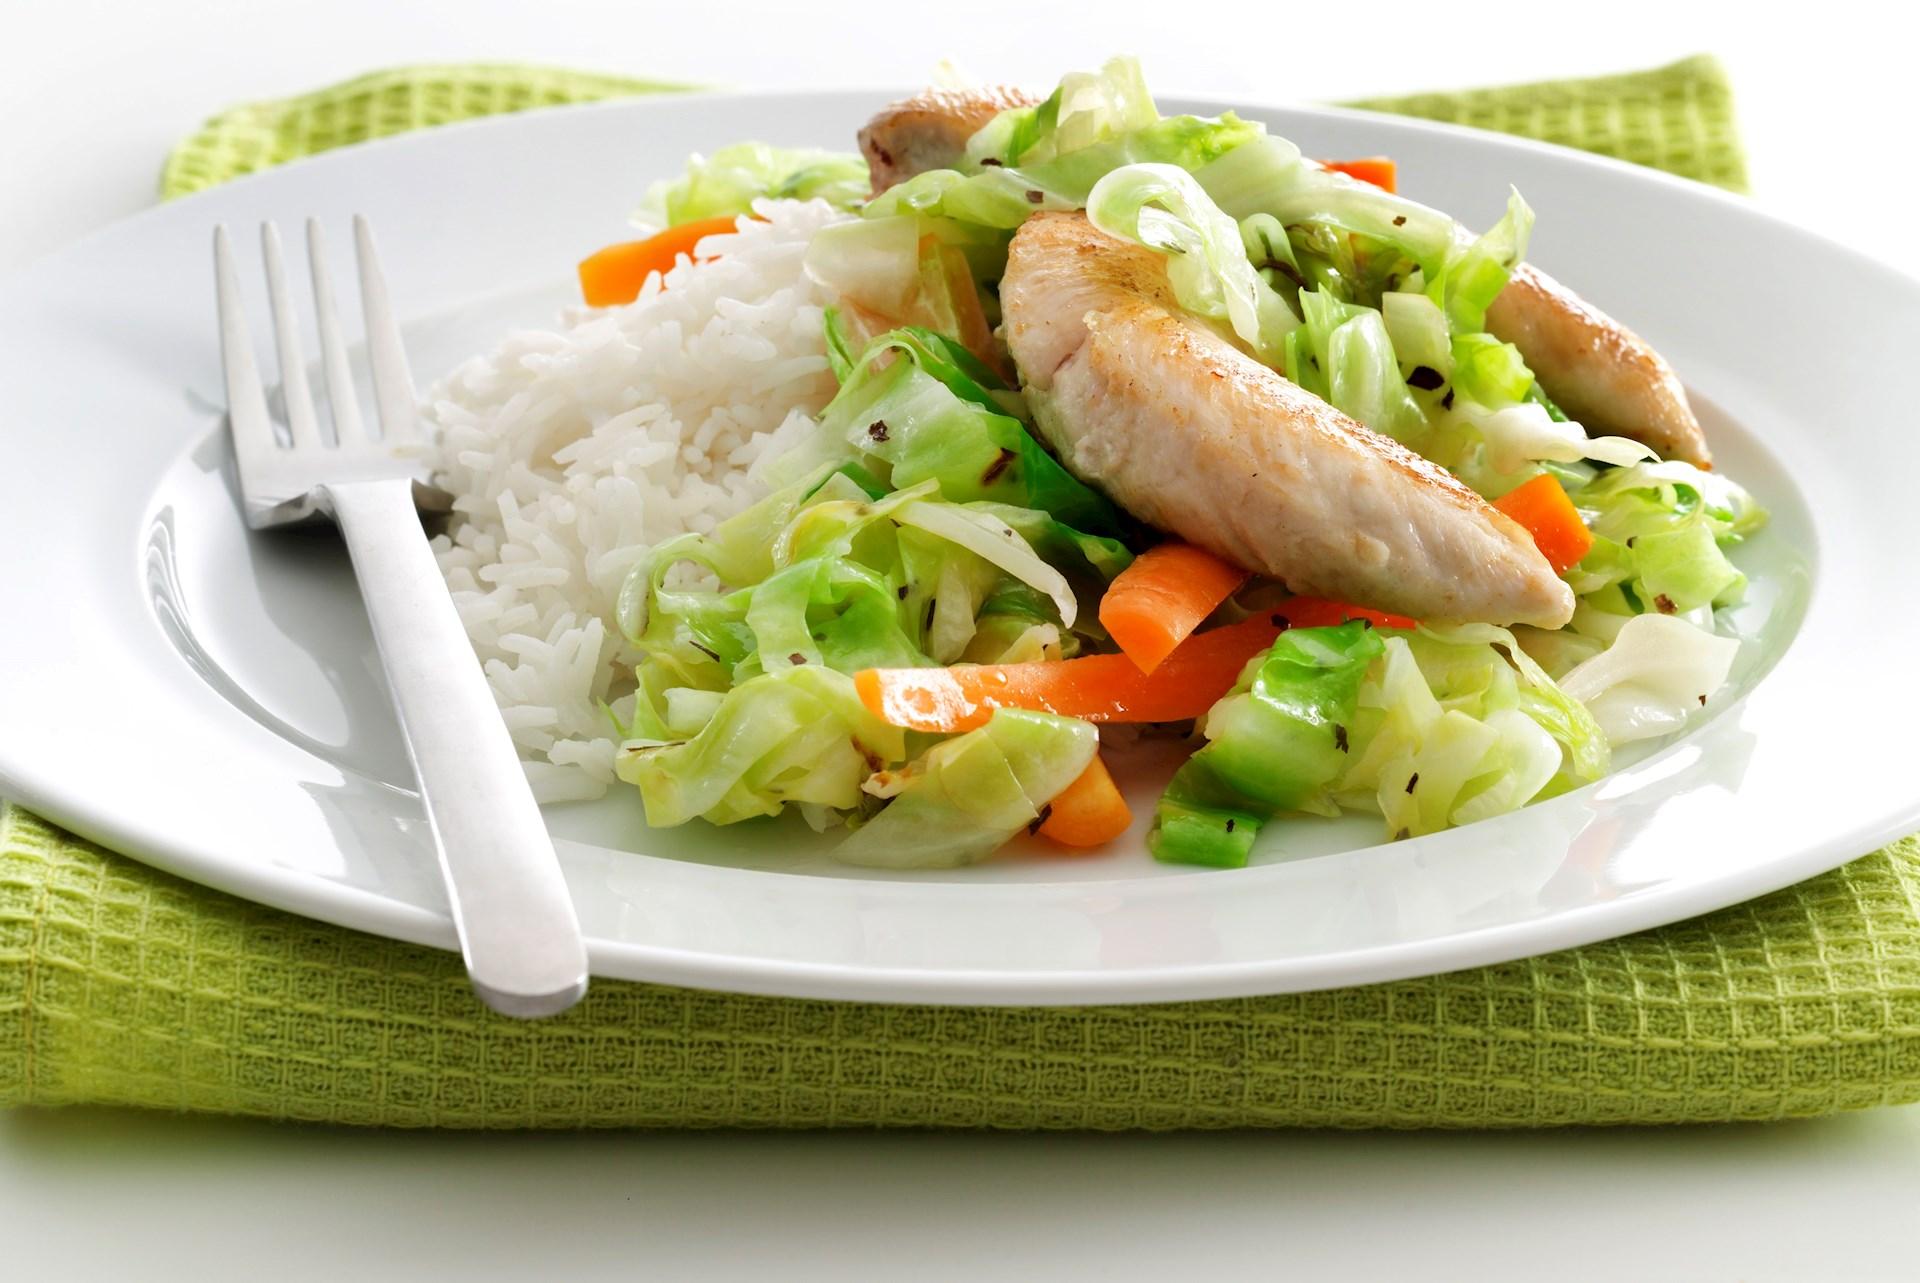 kyllingebryst med grøntsager